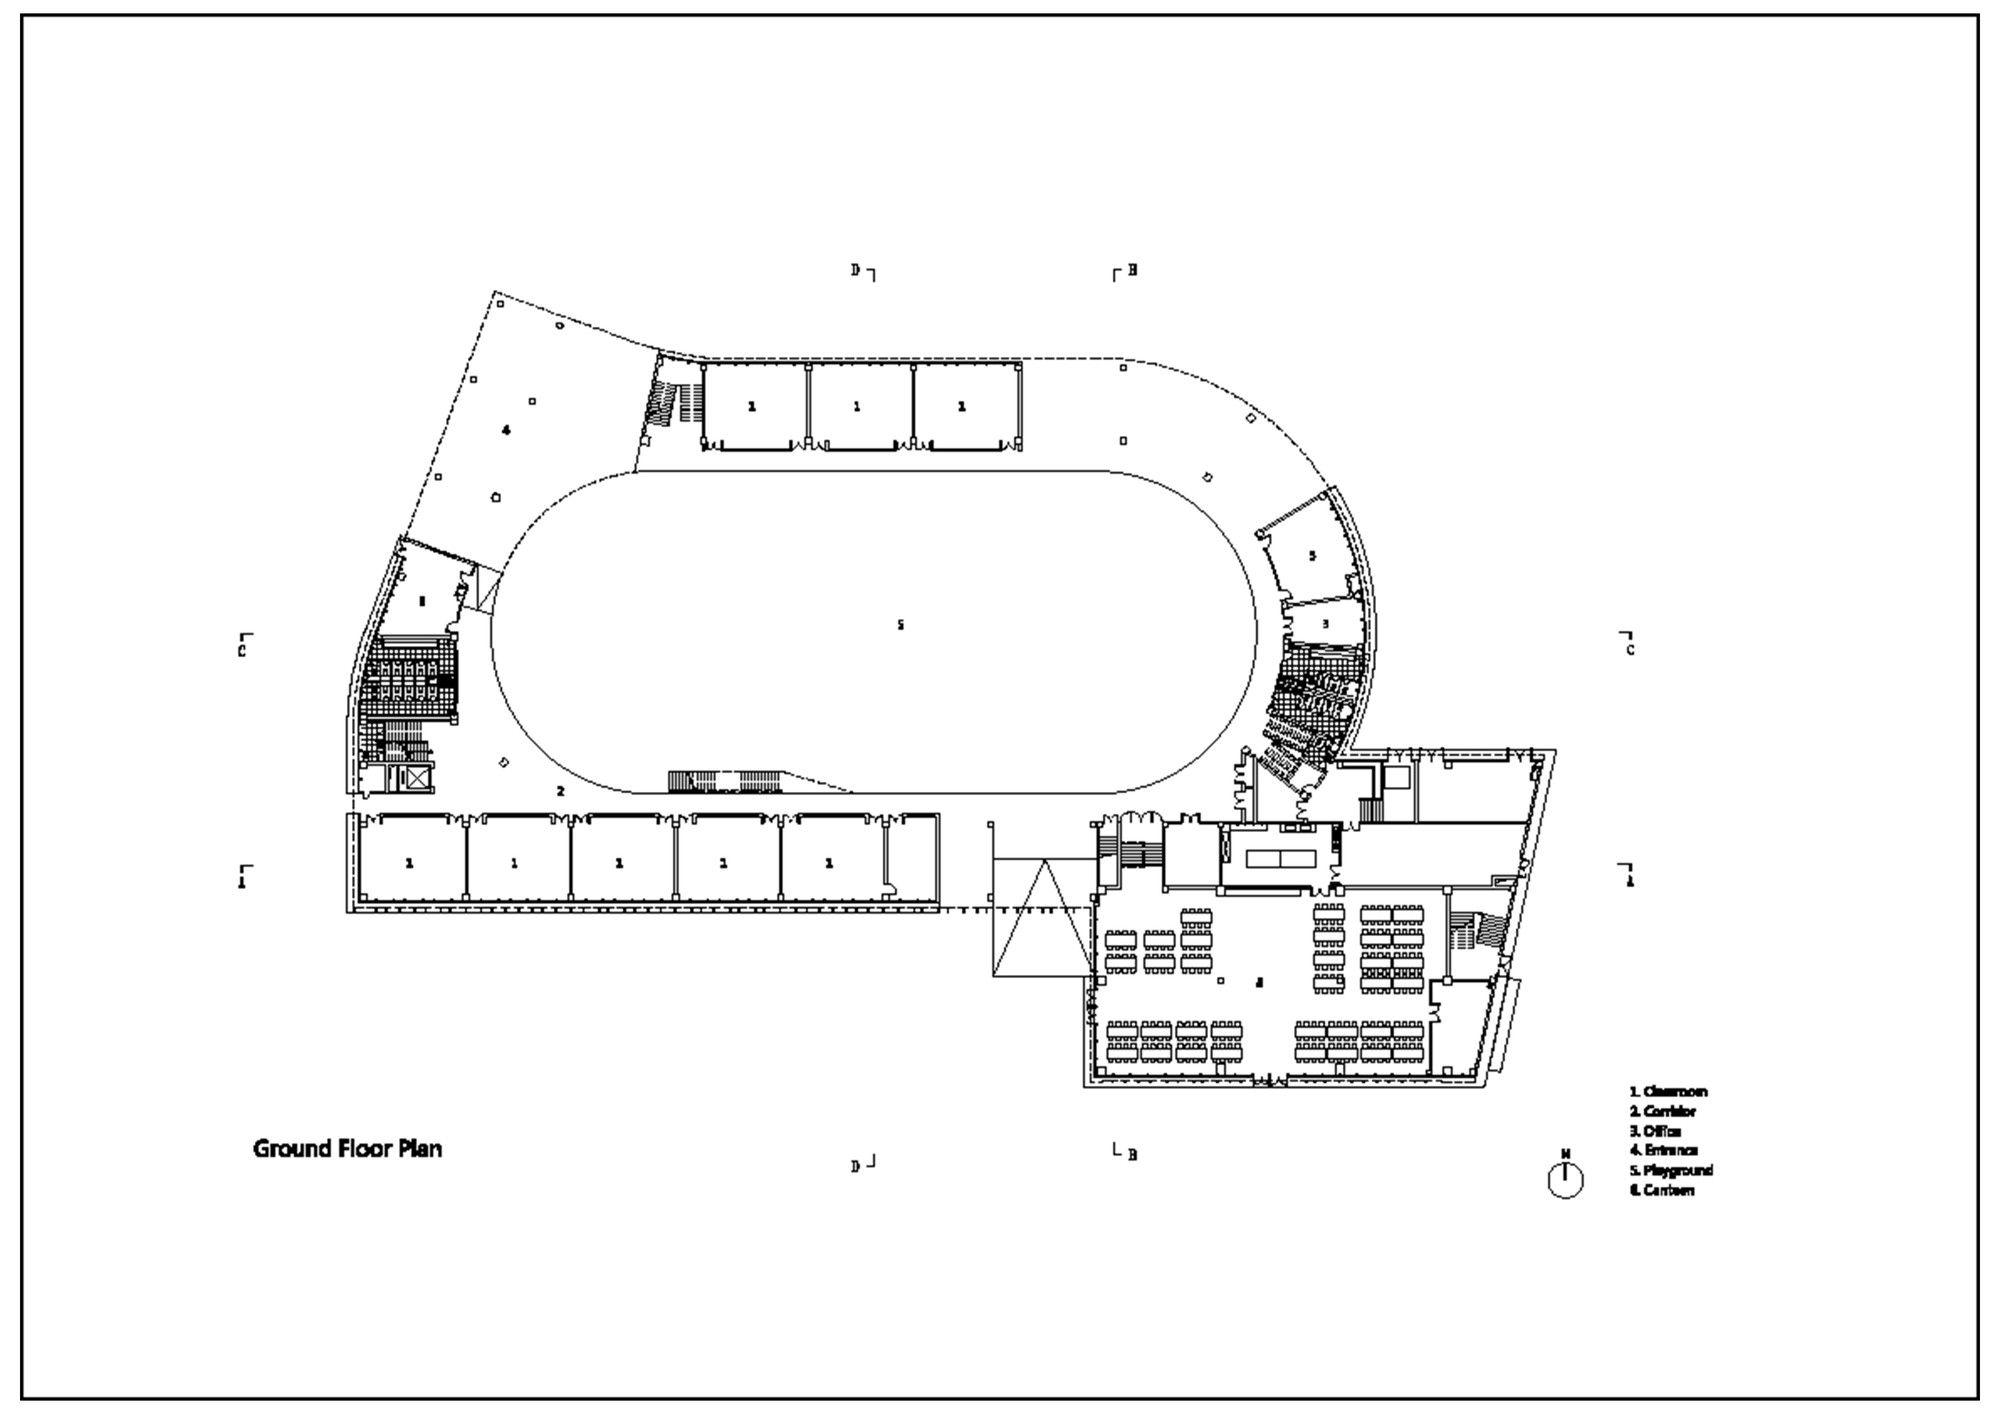 Primary School Build Plans